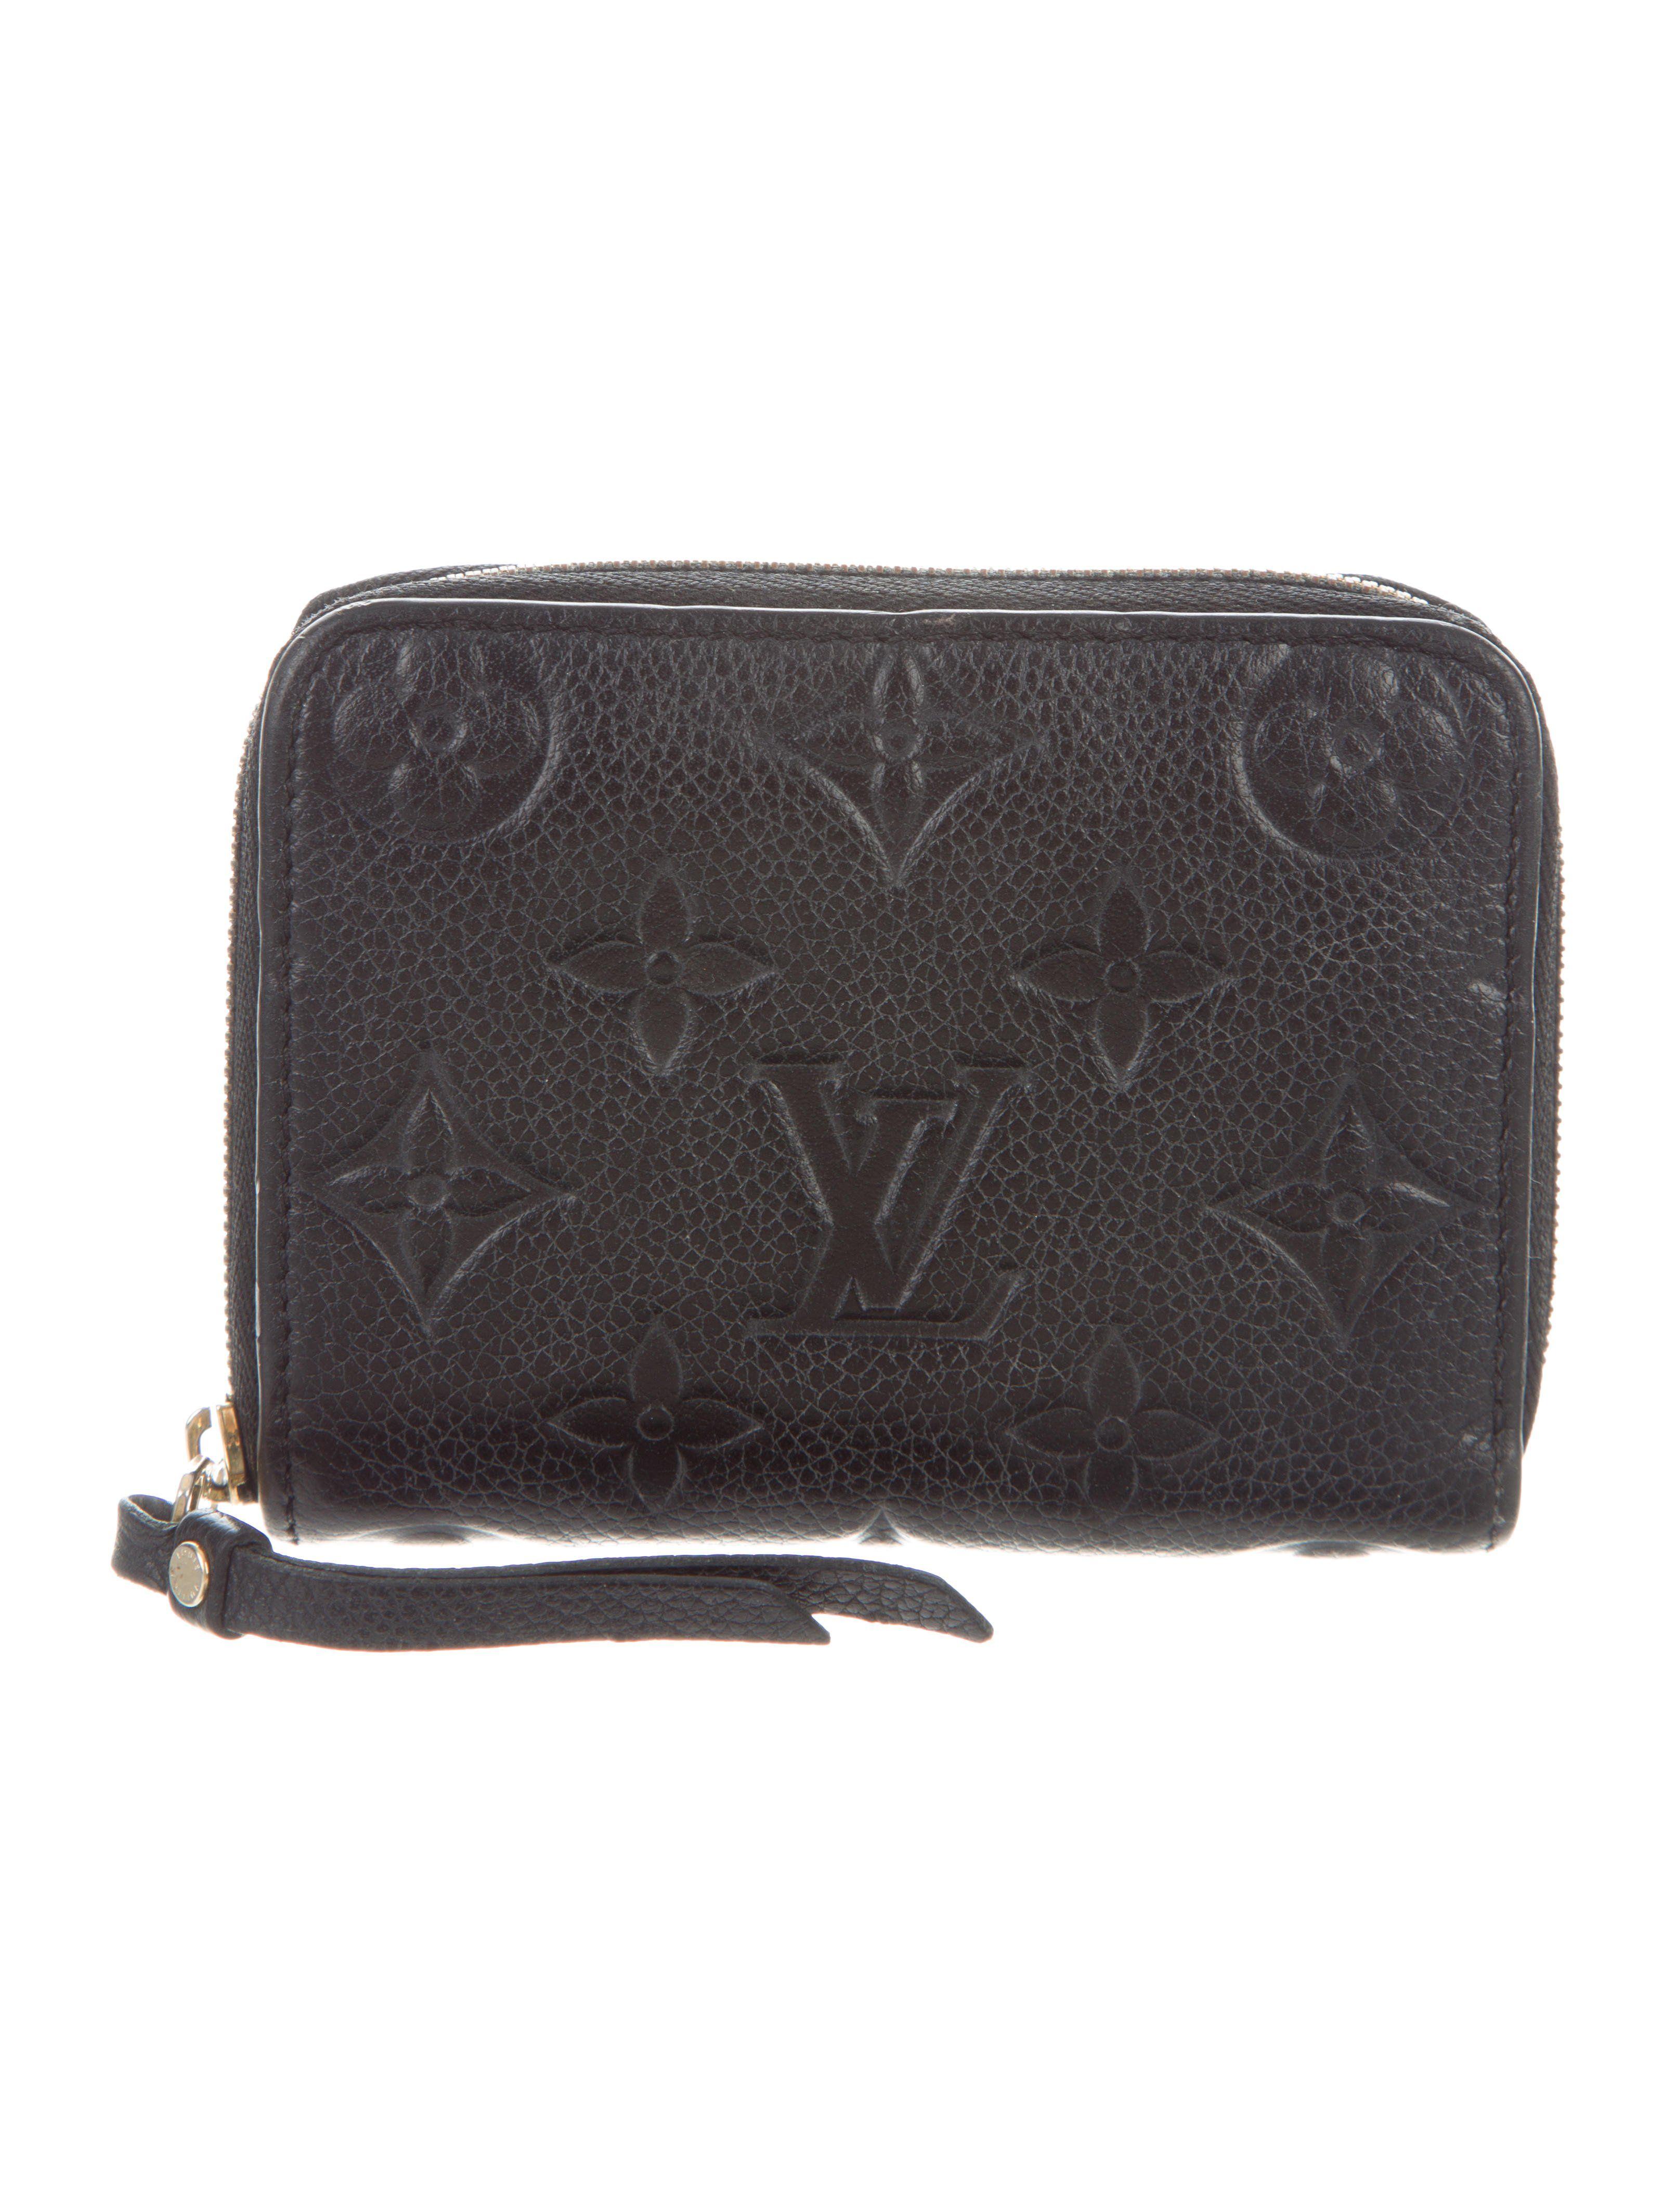 4d0c3e6ce Empreinte Zippy Coin Purse | Fun Goals | Coin purse, Zip around ...